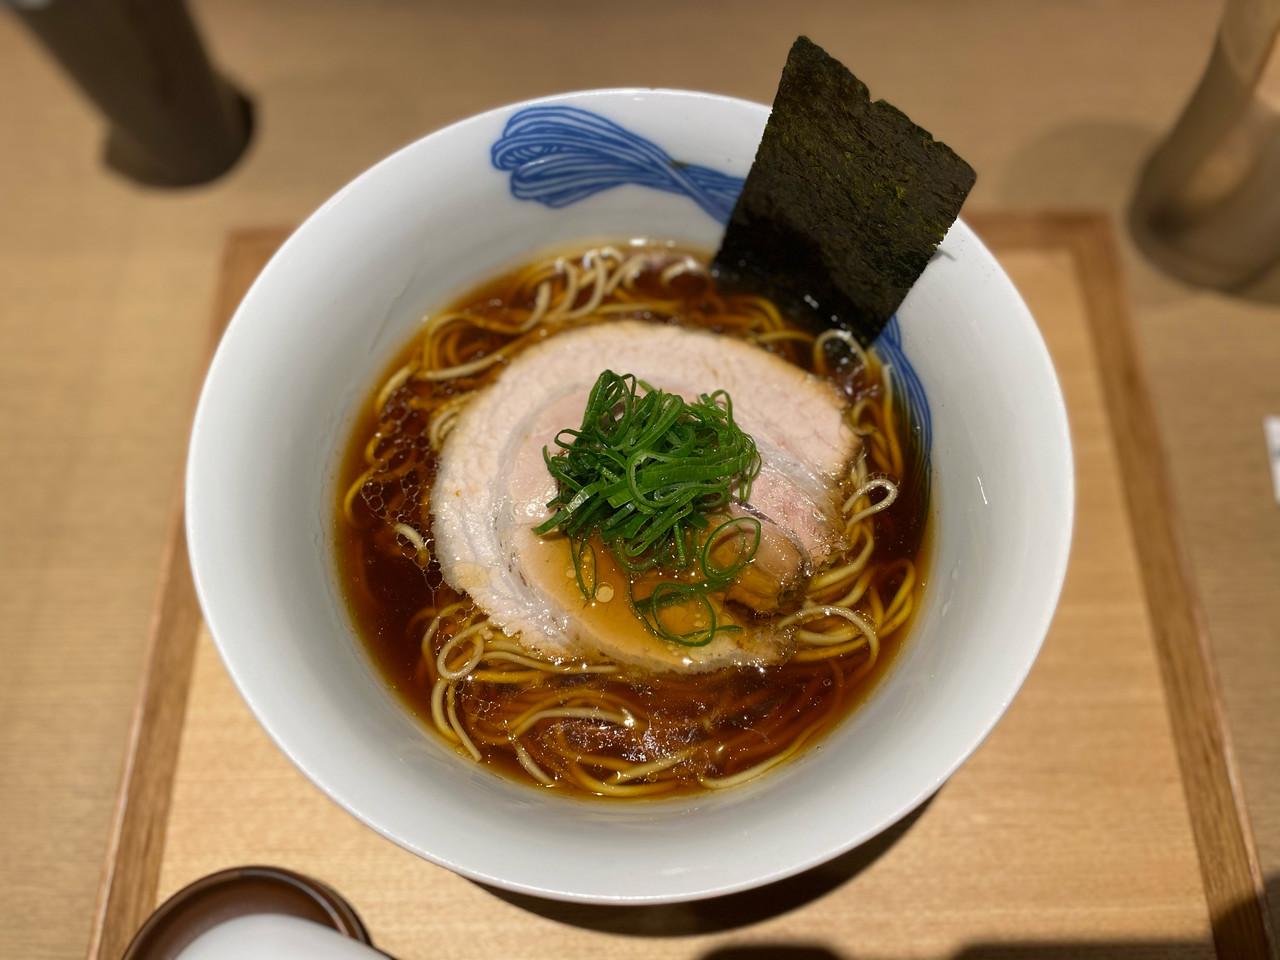 ここだけは押さえておきたい!東京駅周辺で人気のラーメン店12選 - サムネイル